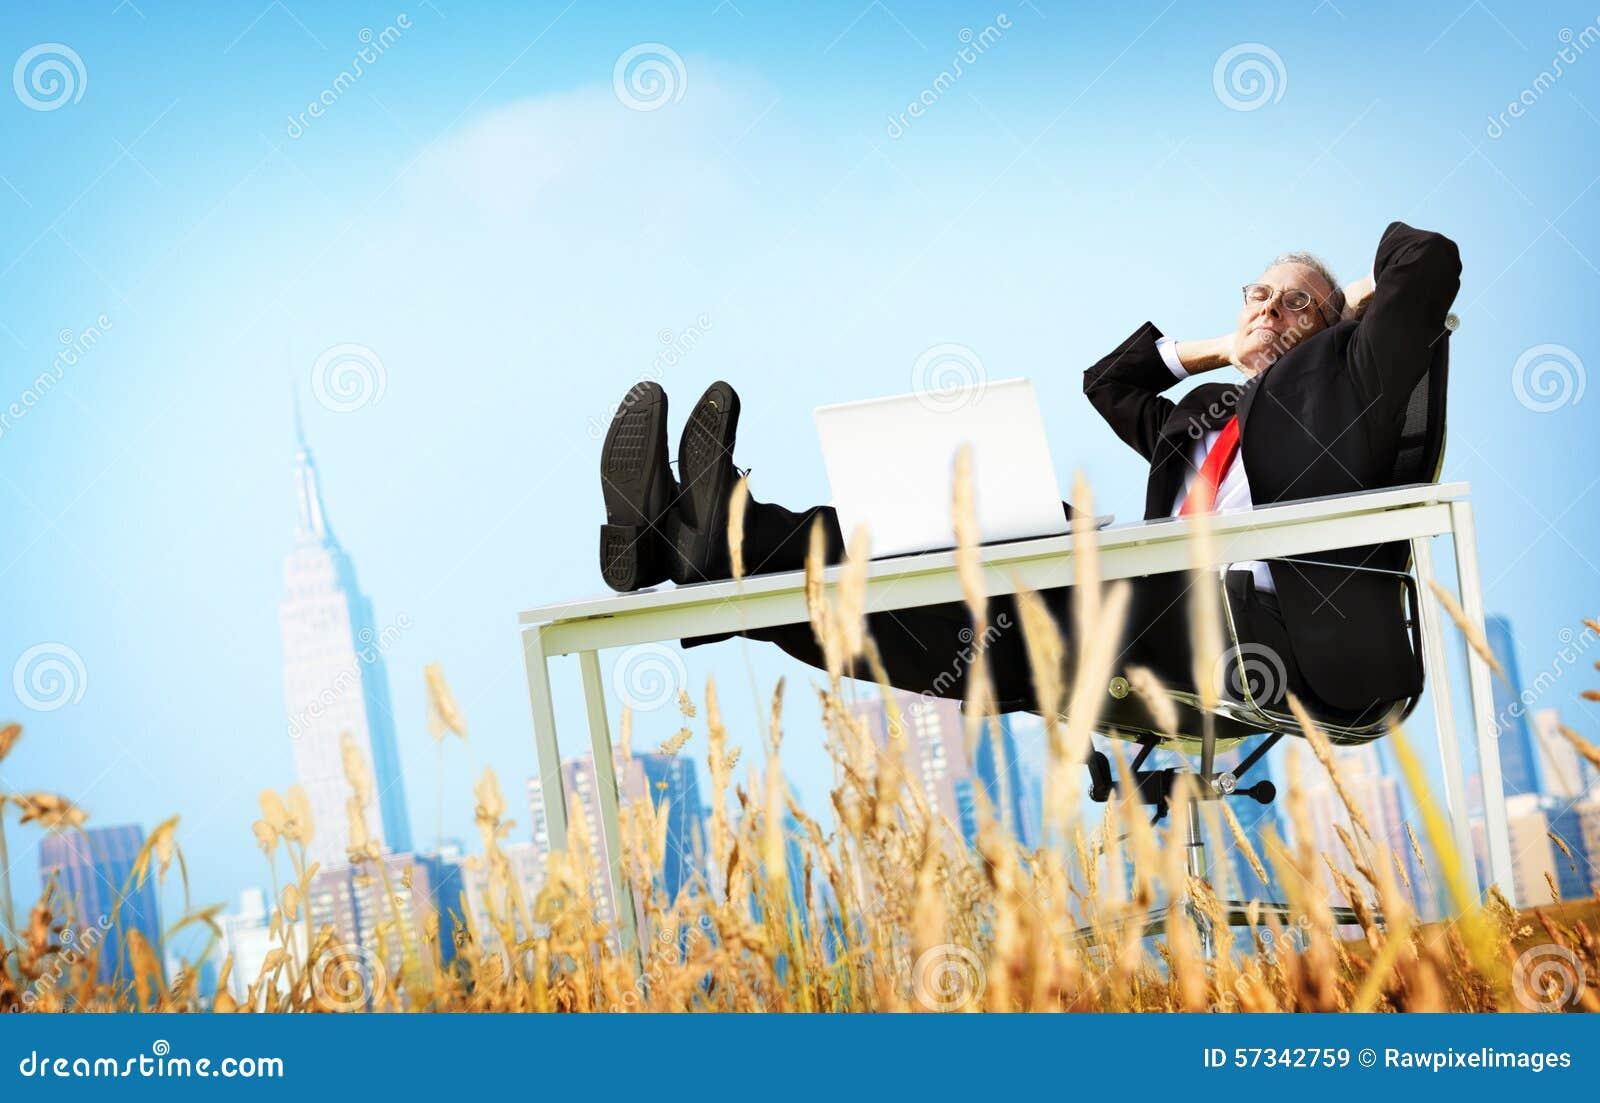 Concept de fuite de Relaxation Freedom Happiness d homme d affaires